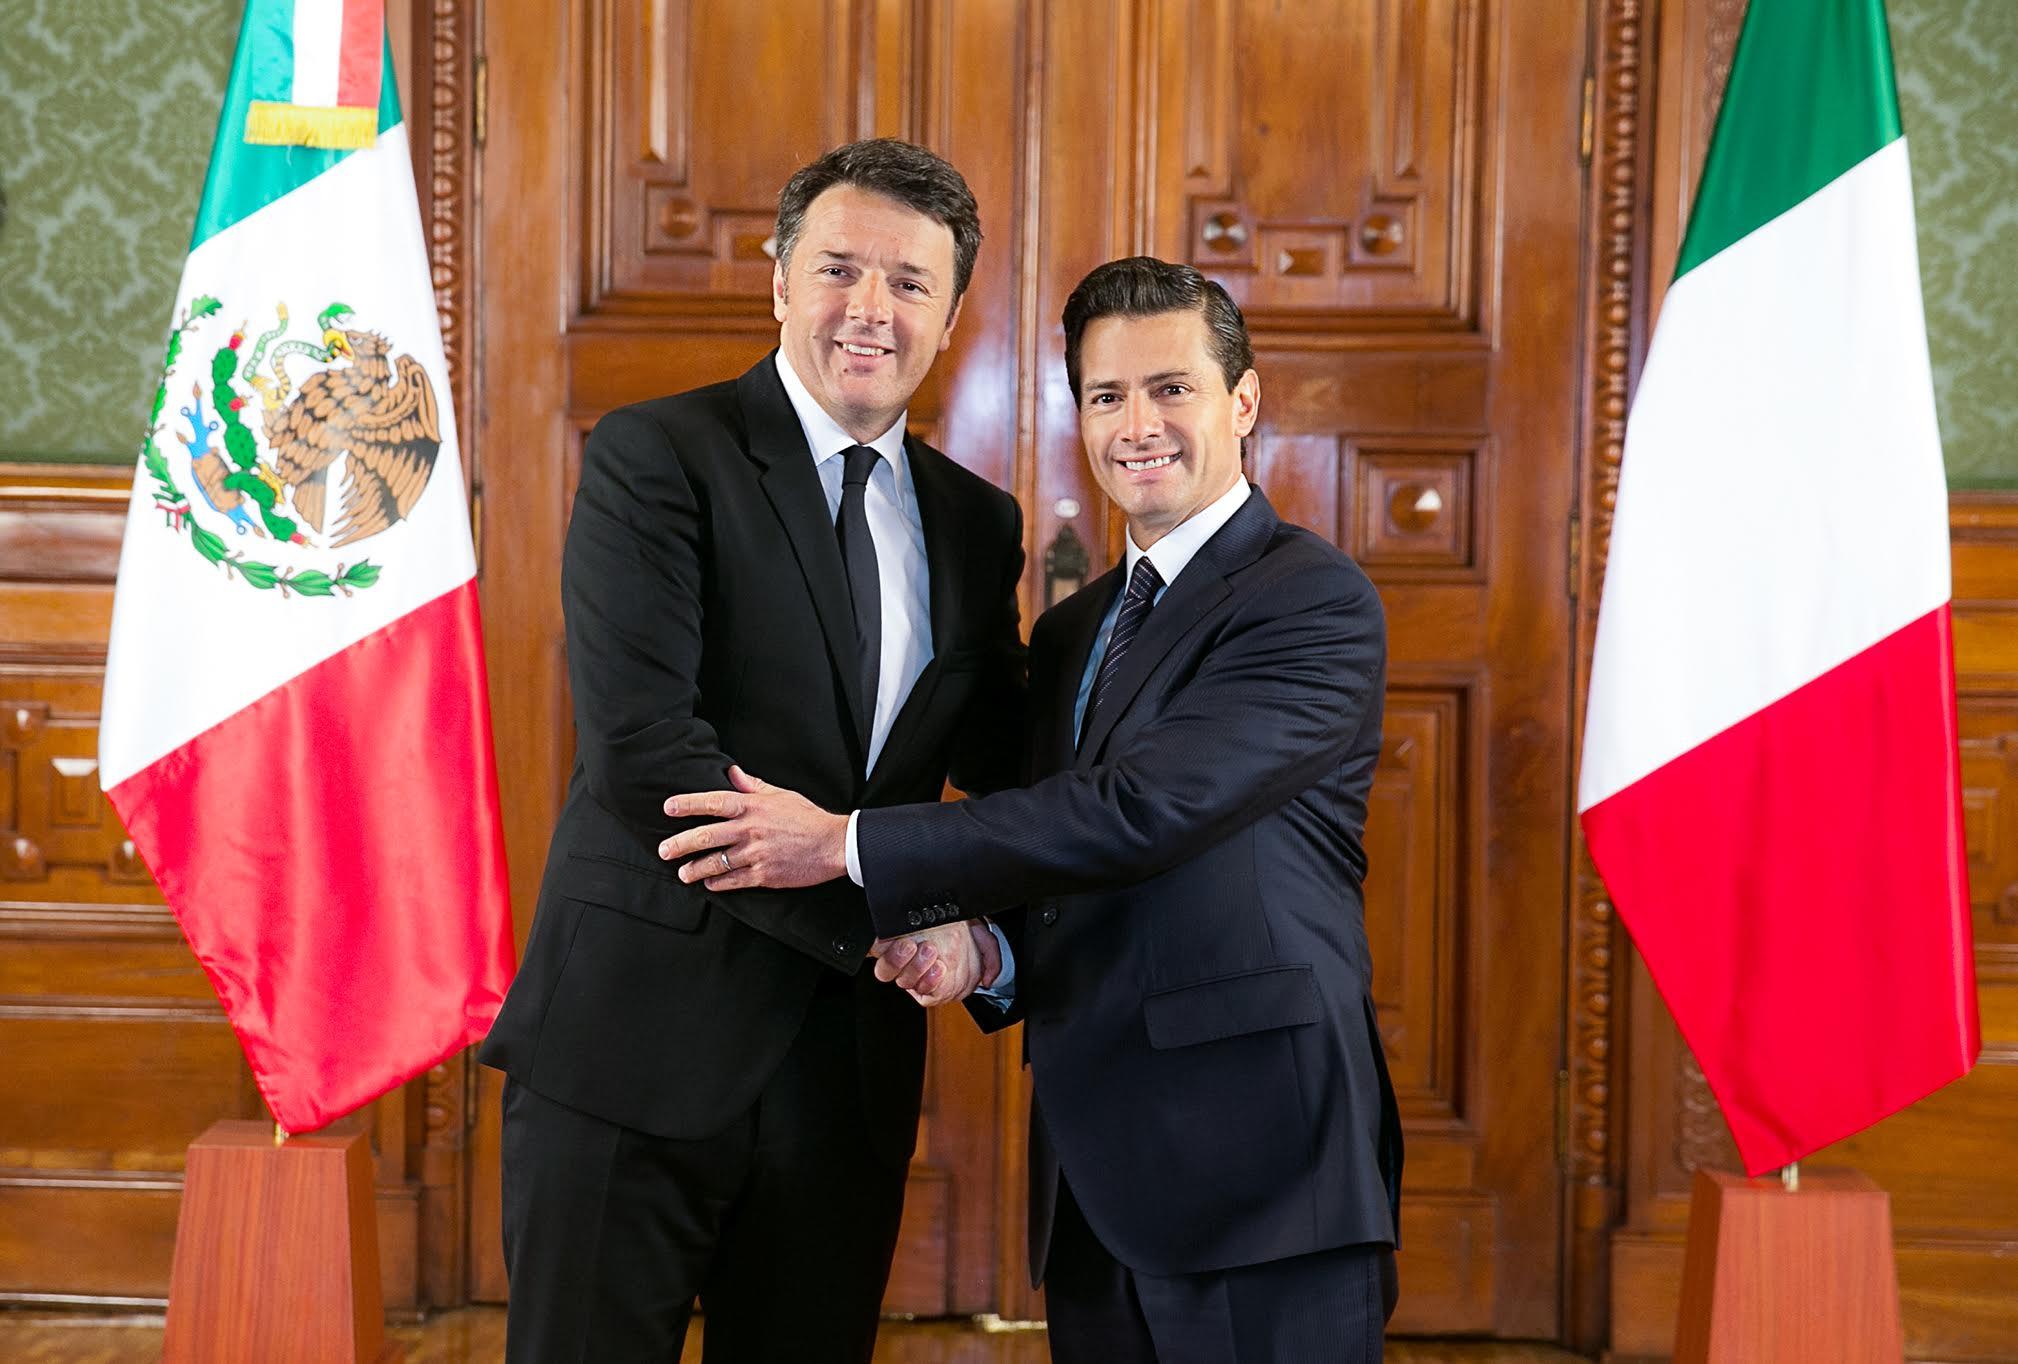 Visita Oficial Del Presidente Del Consejo De Ministros De Italia